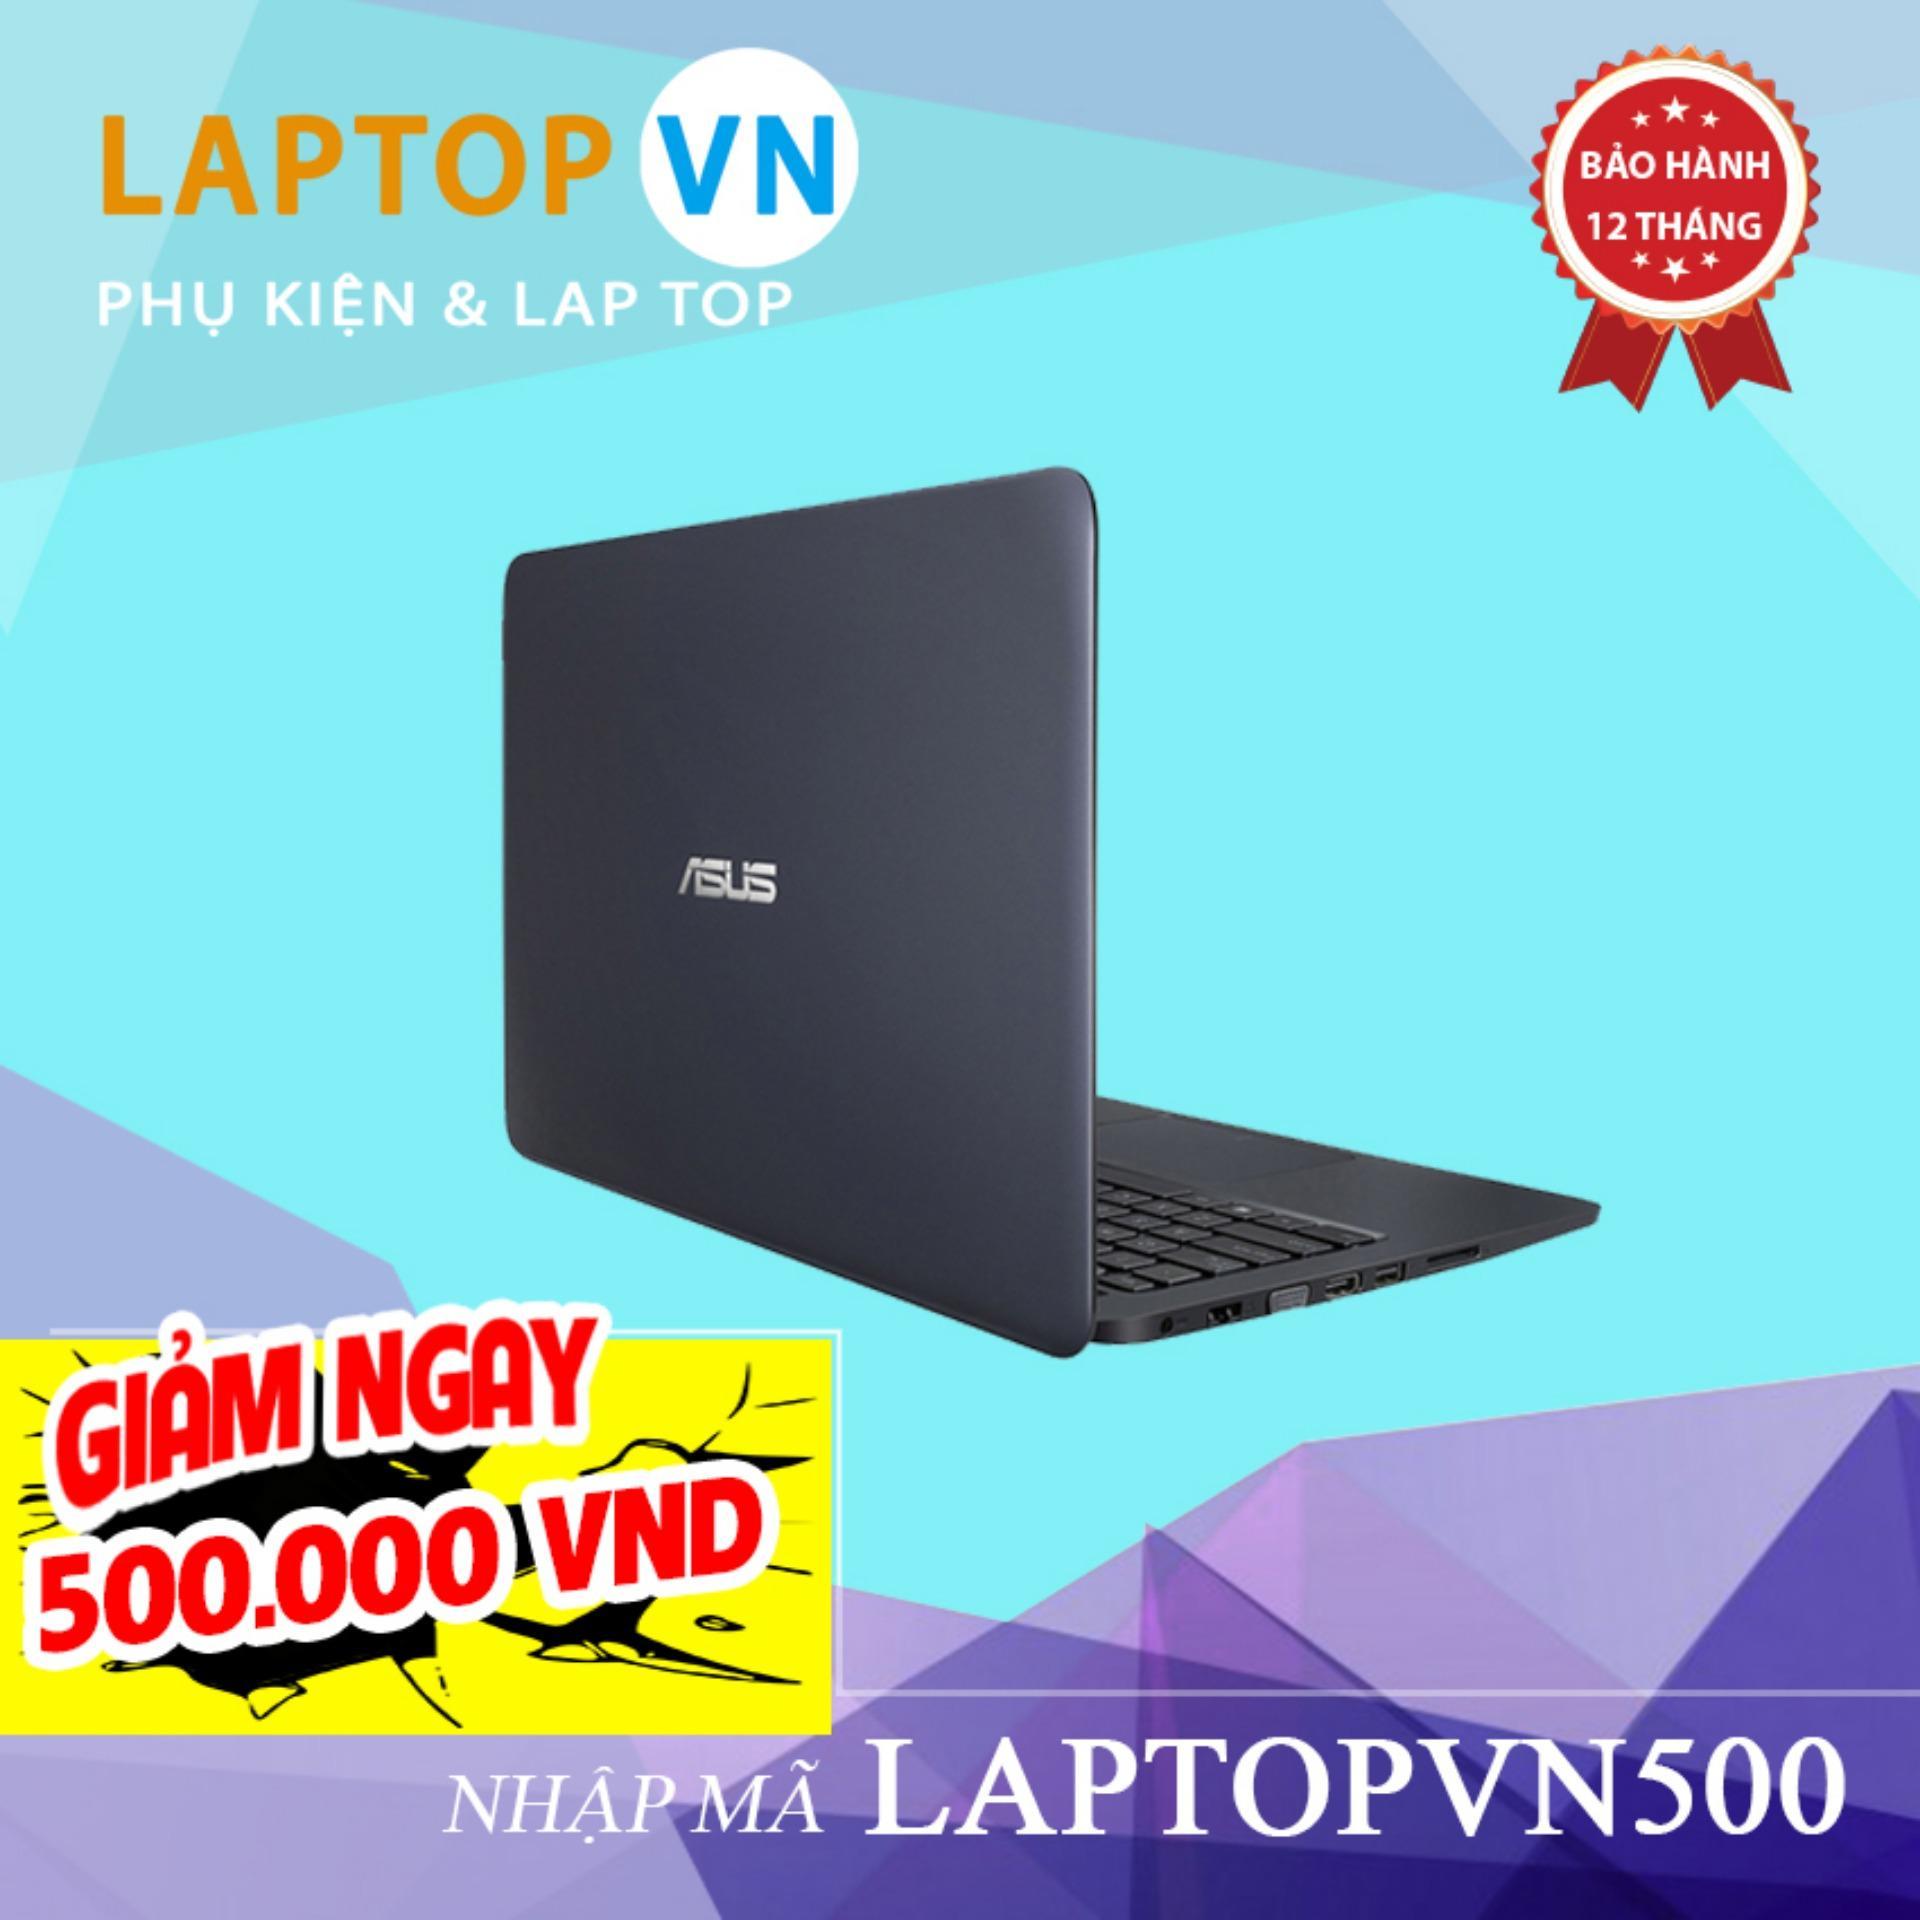 Laptop Asus E402 Ce /2g/500g/14 - (Hàng Nhập Khẩu)